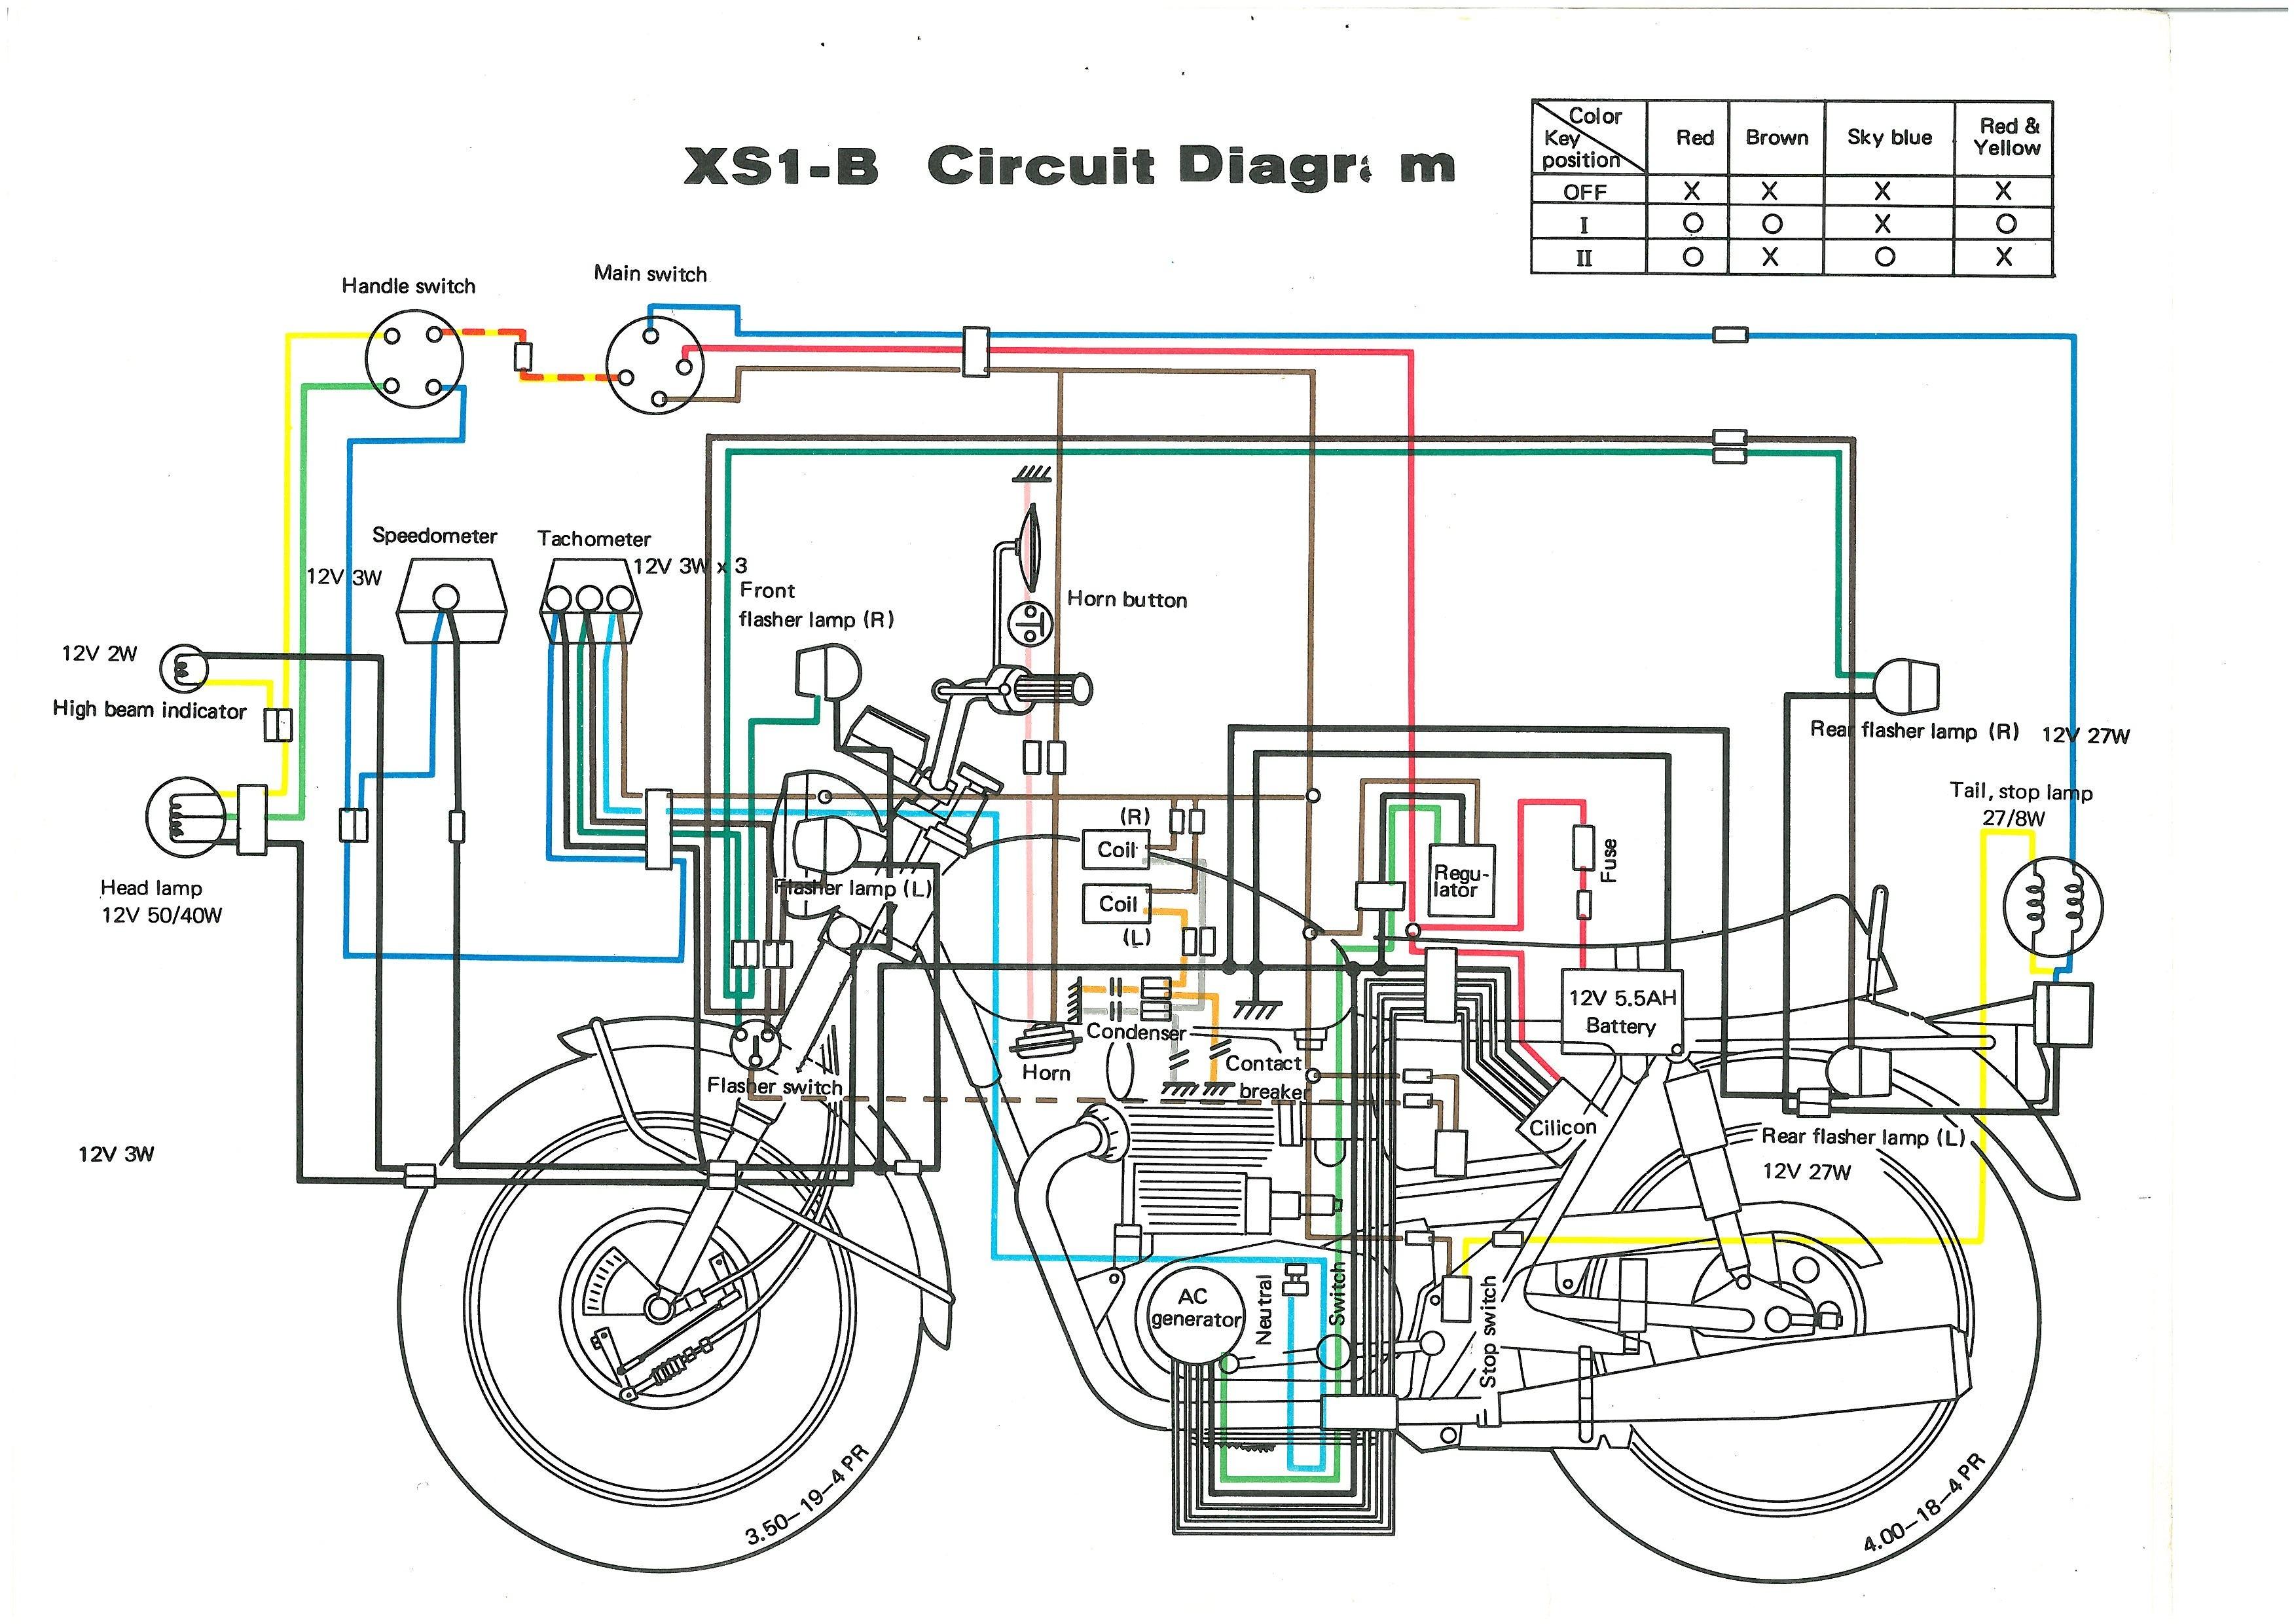 1979 yamaha xs650 wiring diagram wire data schema u2022 rh kiymik co simple wiring diagram xs650 1979 Yamaha XS650 Wiring-Diagram